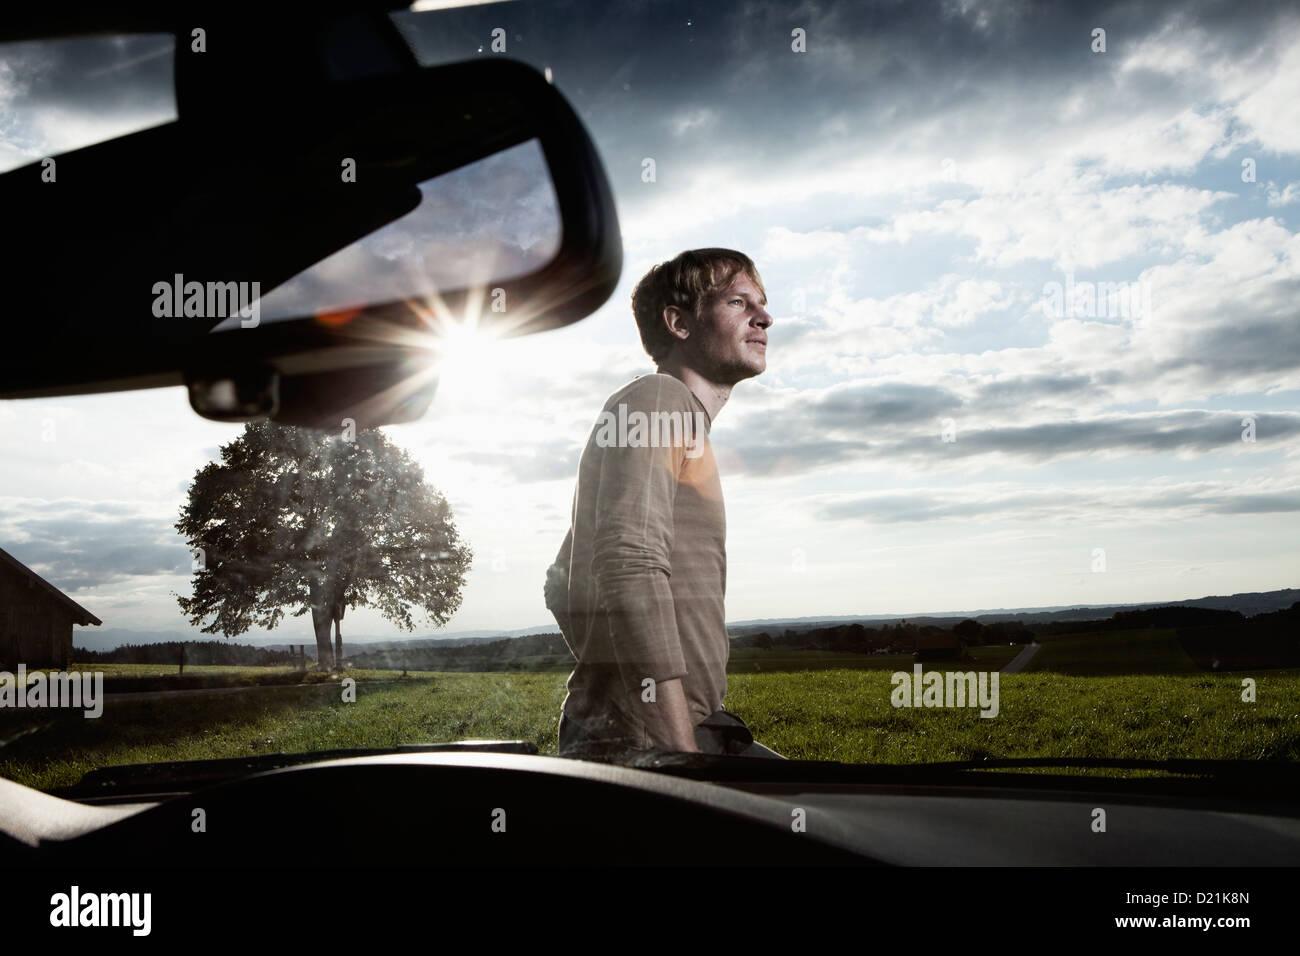 In Germania, in Baviera, metà uomo adulto in piedi in auto Immagini Stock